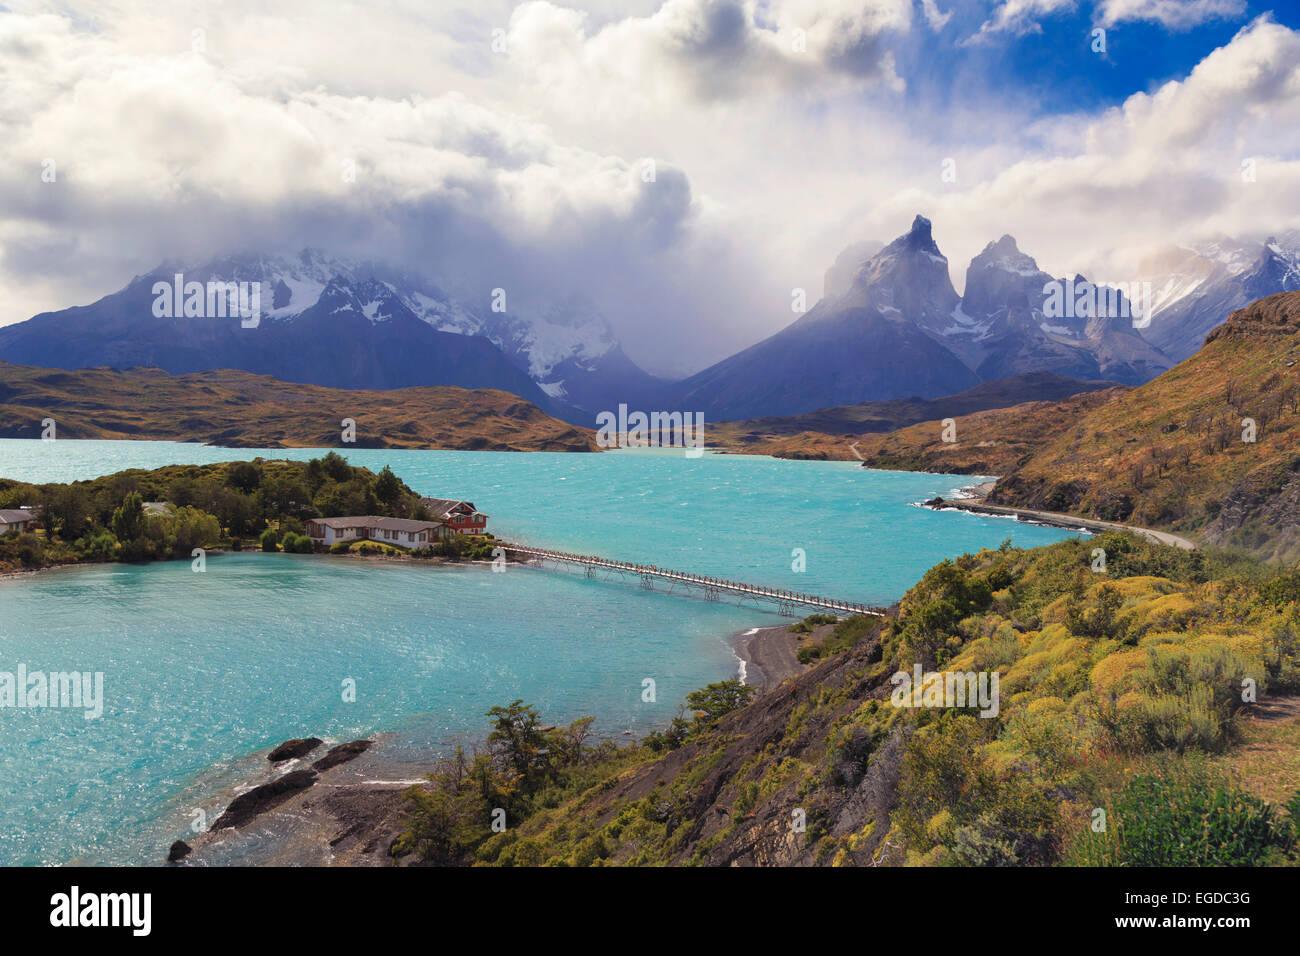 Il Cile, Patagonia, parco nazionale Torres del Paine (Sito UNESCO), il lago Peohe Immagini Stock